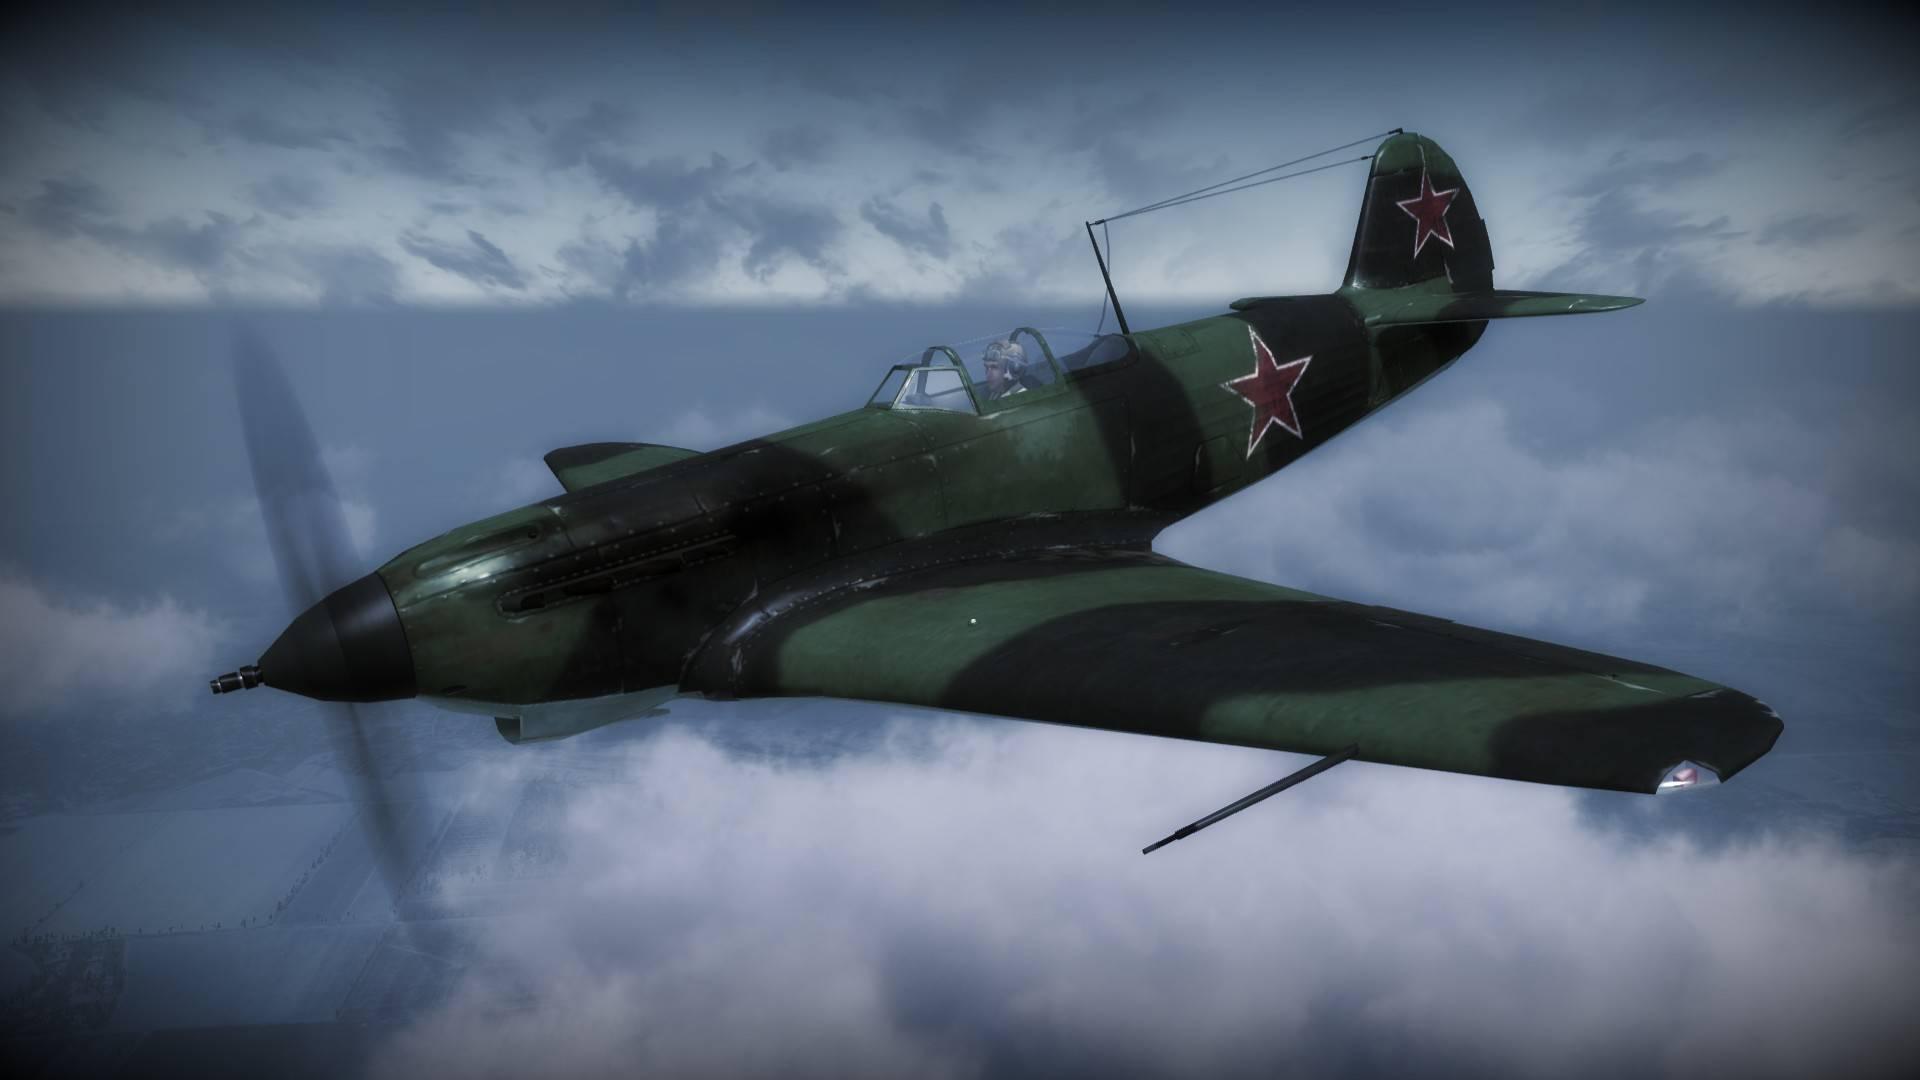 Як-9 советский самолёт второй мировой войны | красные соколы нашей родины